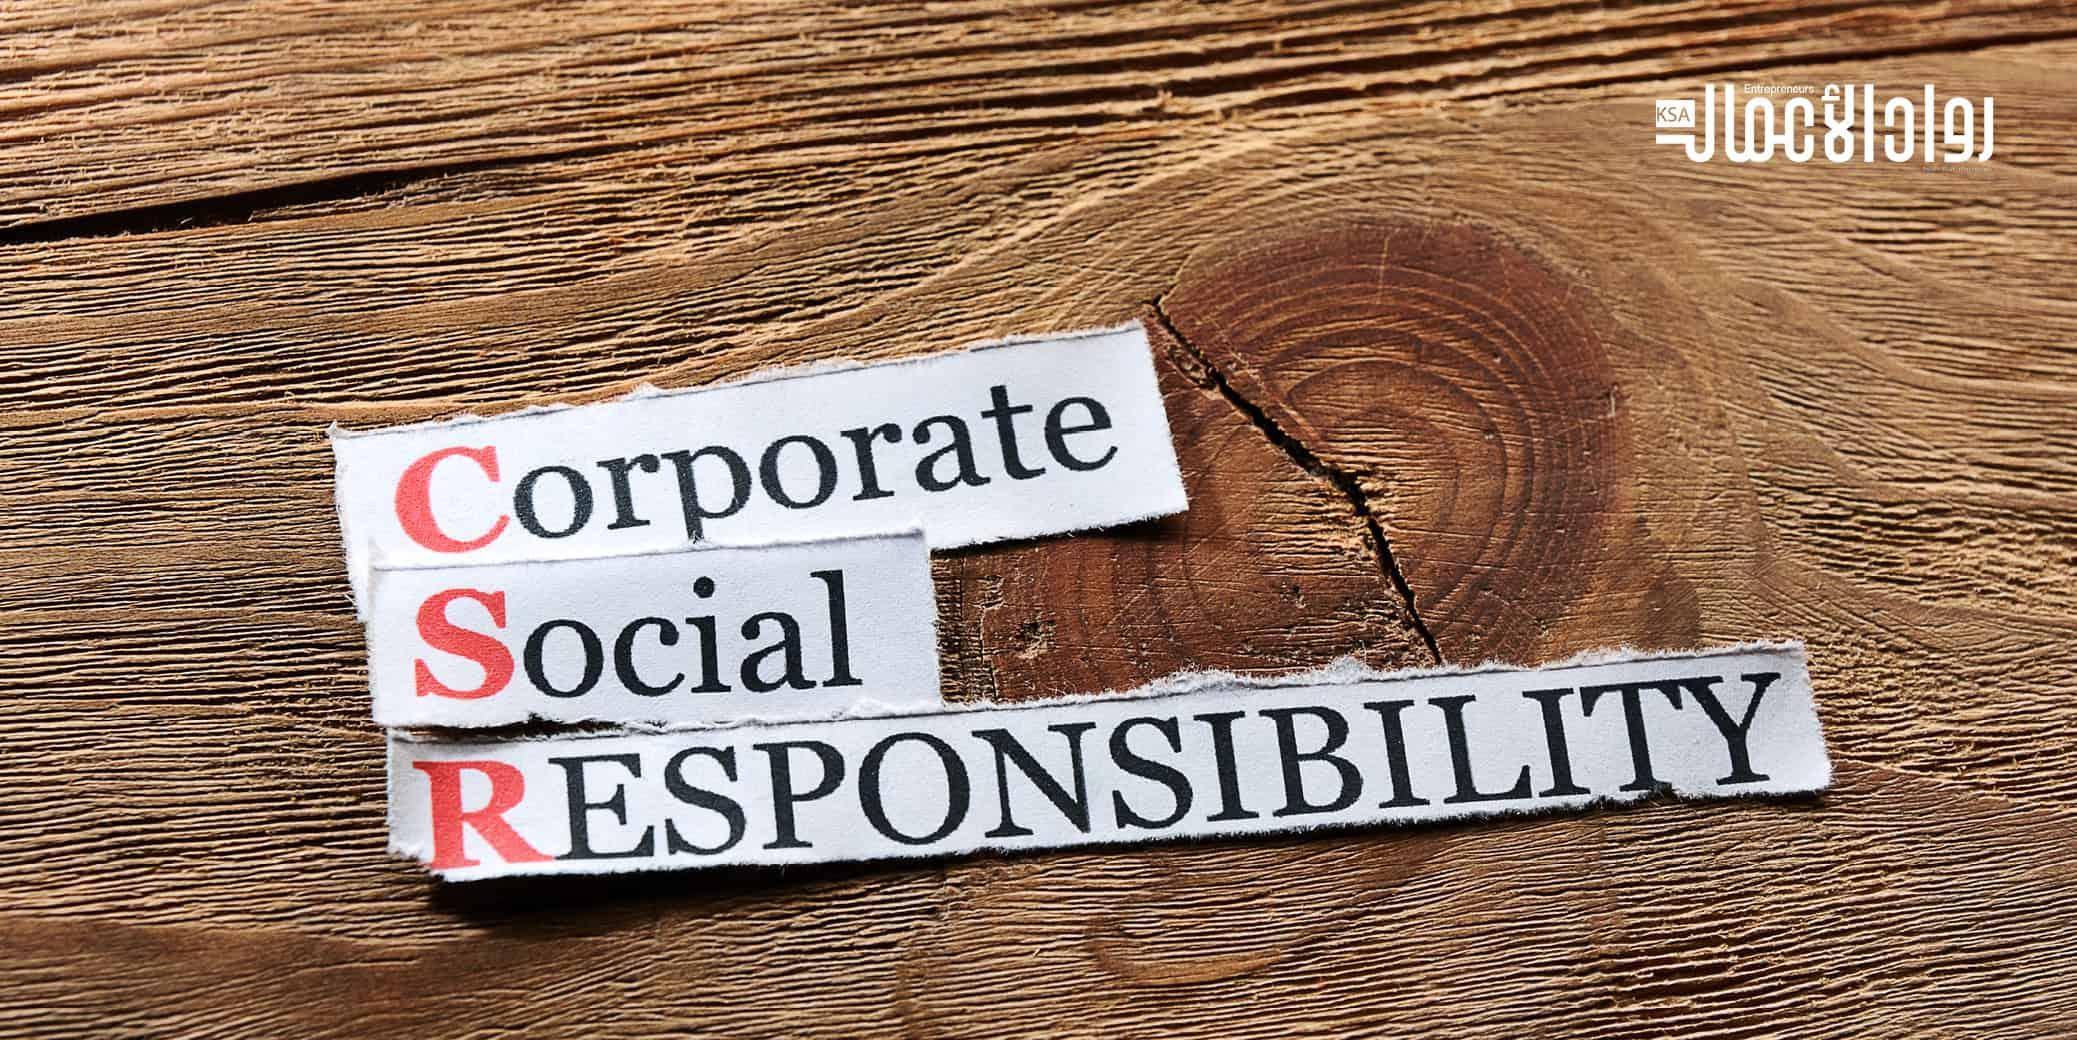 المسؤولية الاجتماعية وتحفيز الابتكار